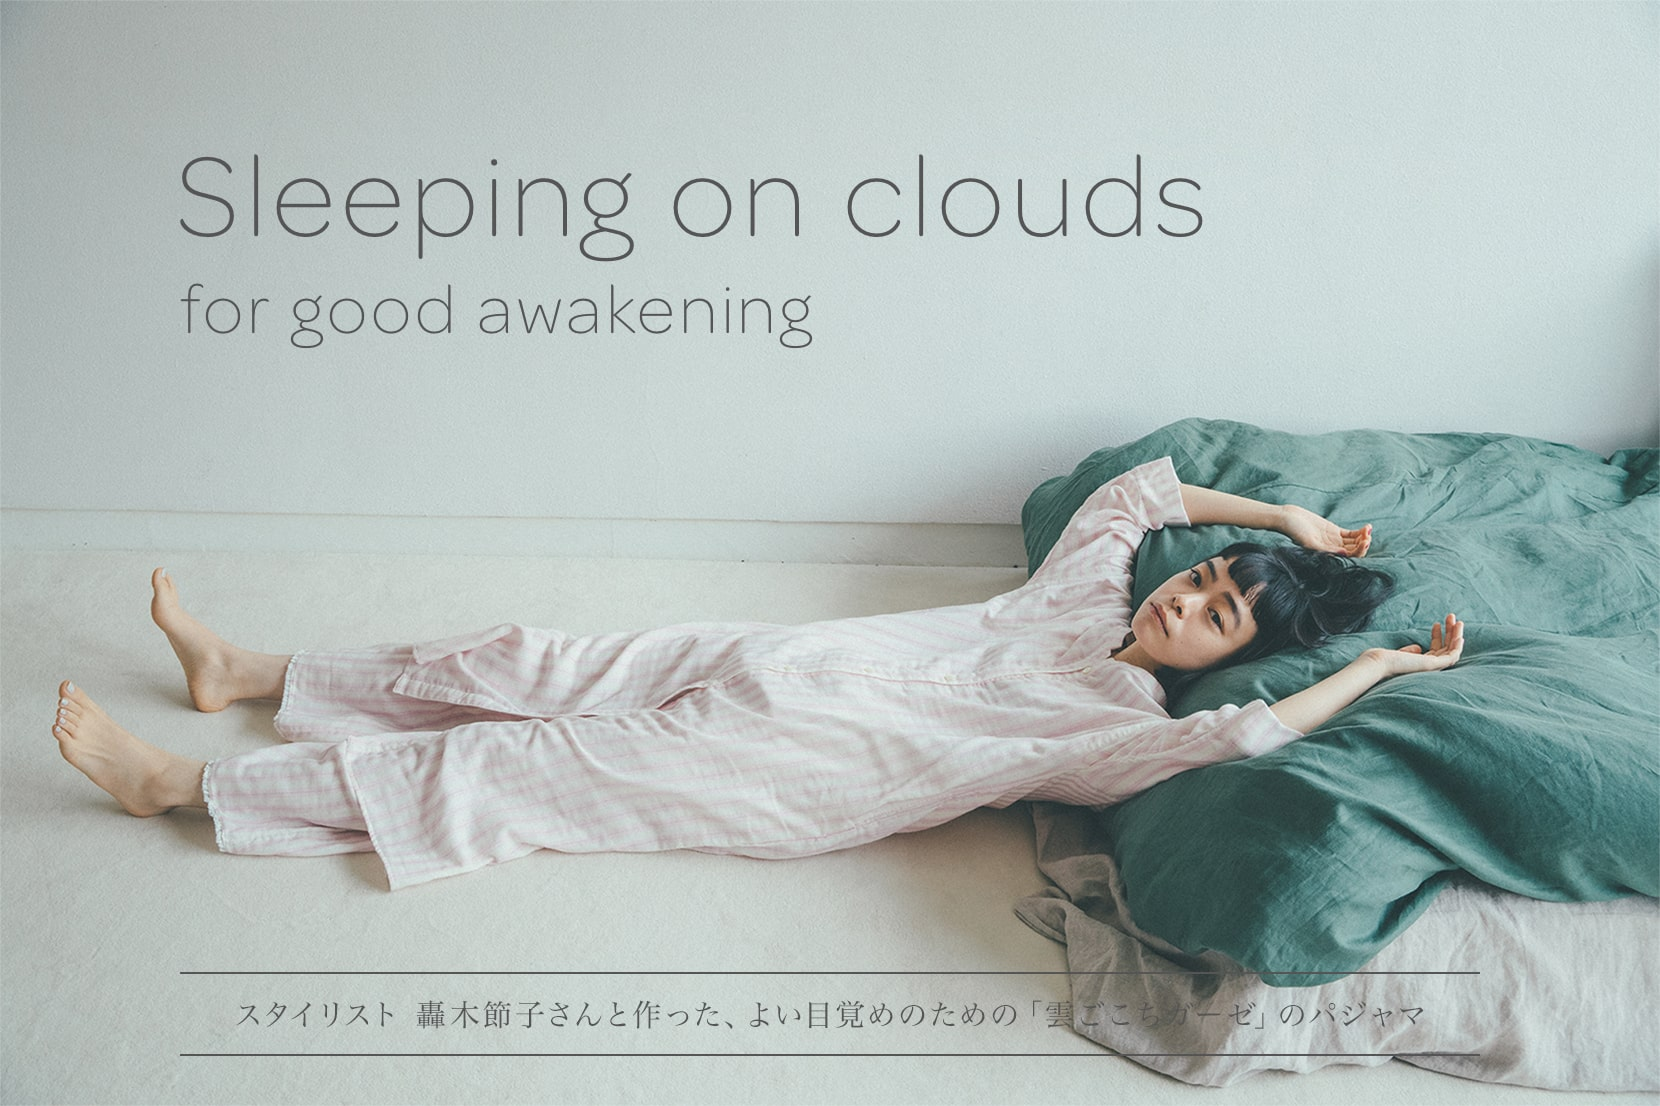 Sleeping on clouds for good awakening スタイリスト 轟木節子さんと作った、よい目覚めのための「雲ごこちガーゼ」のパジャマ